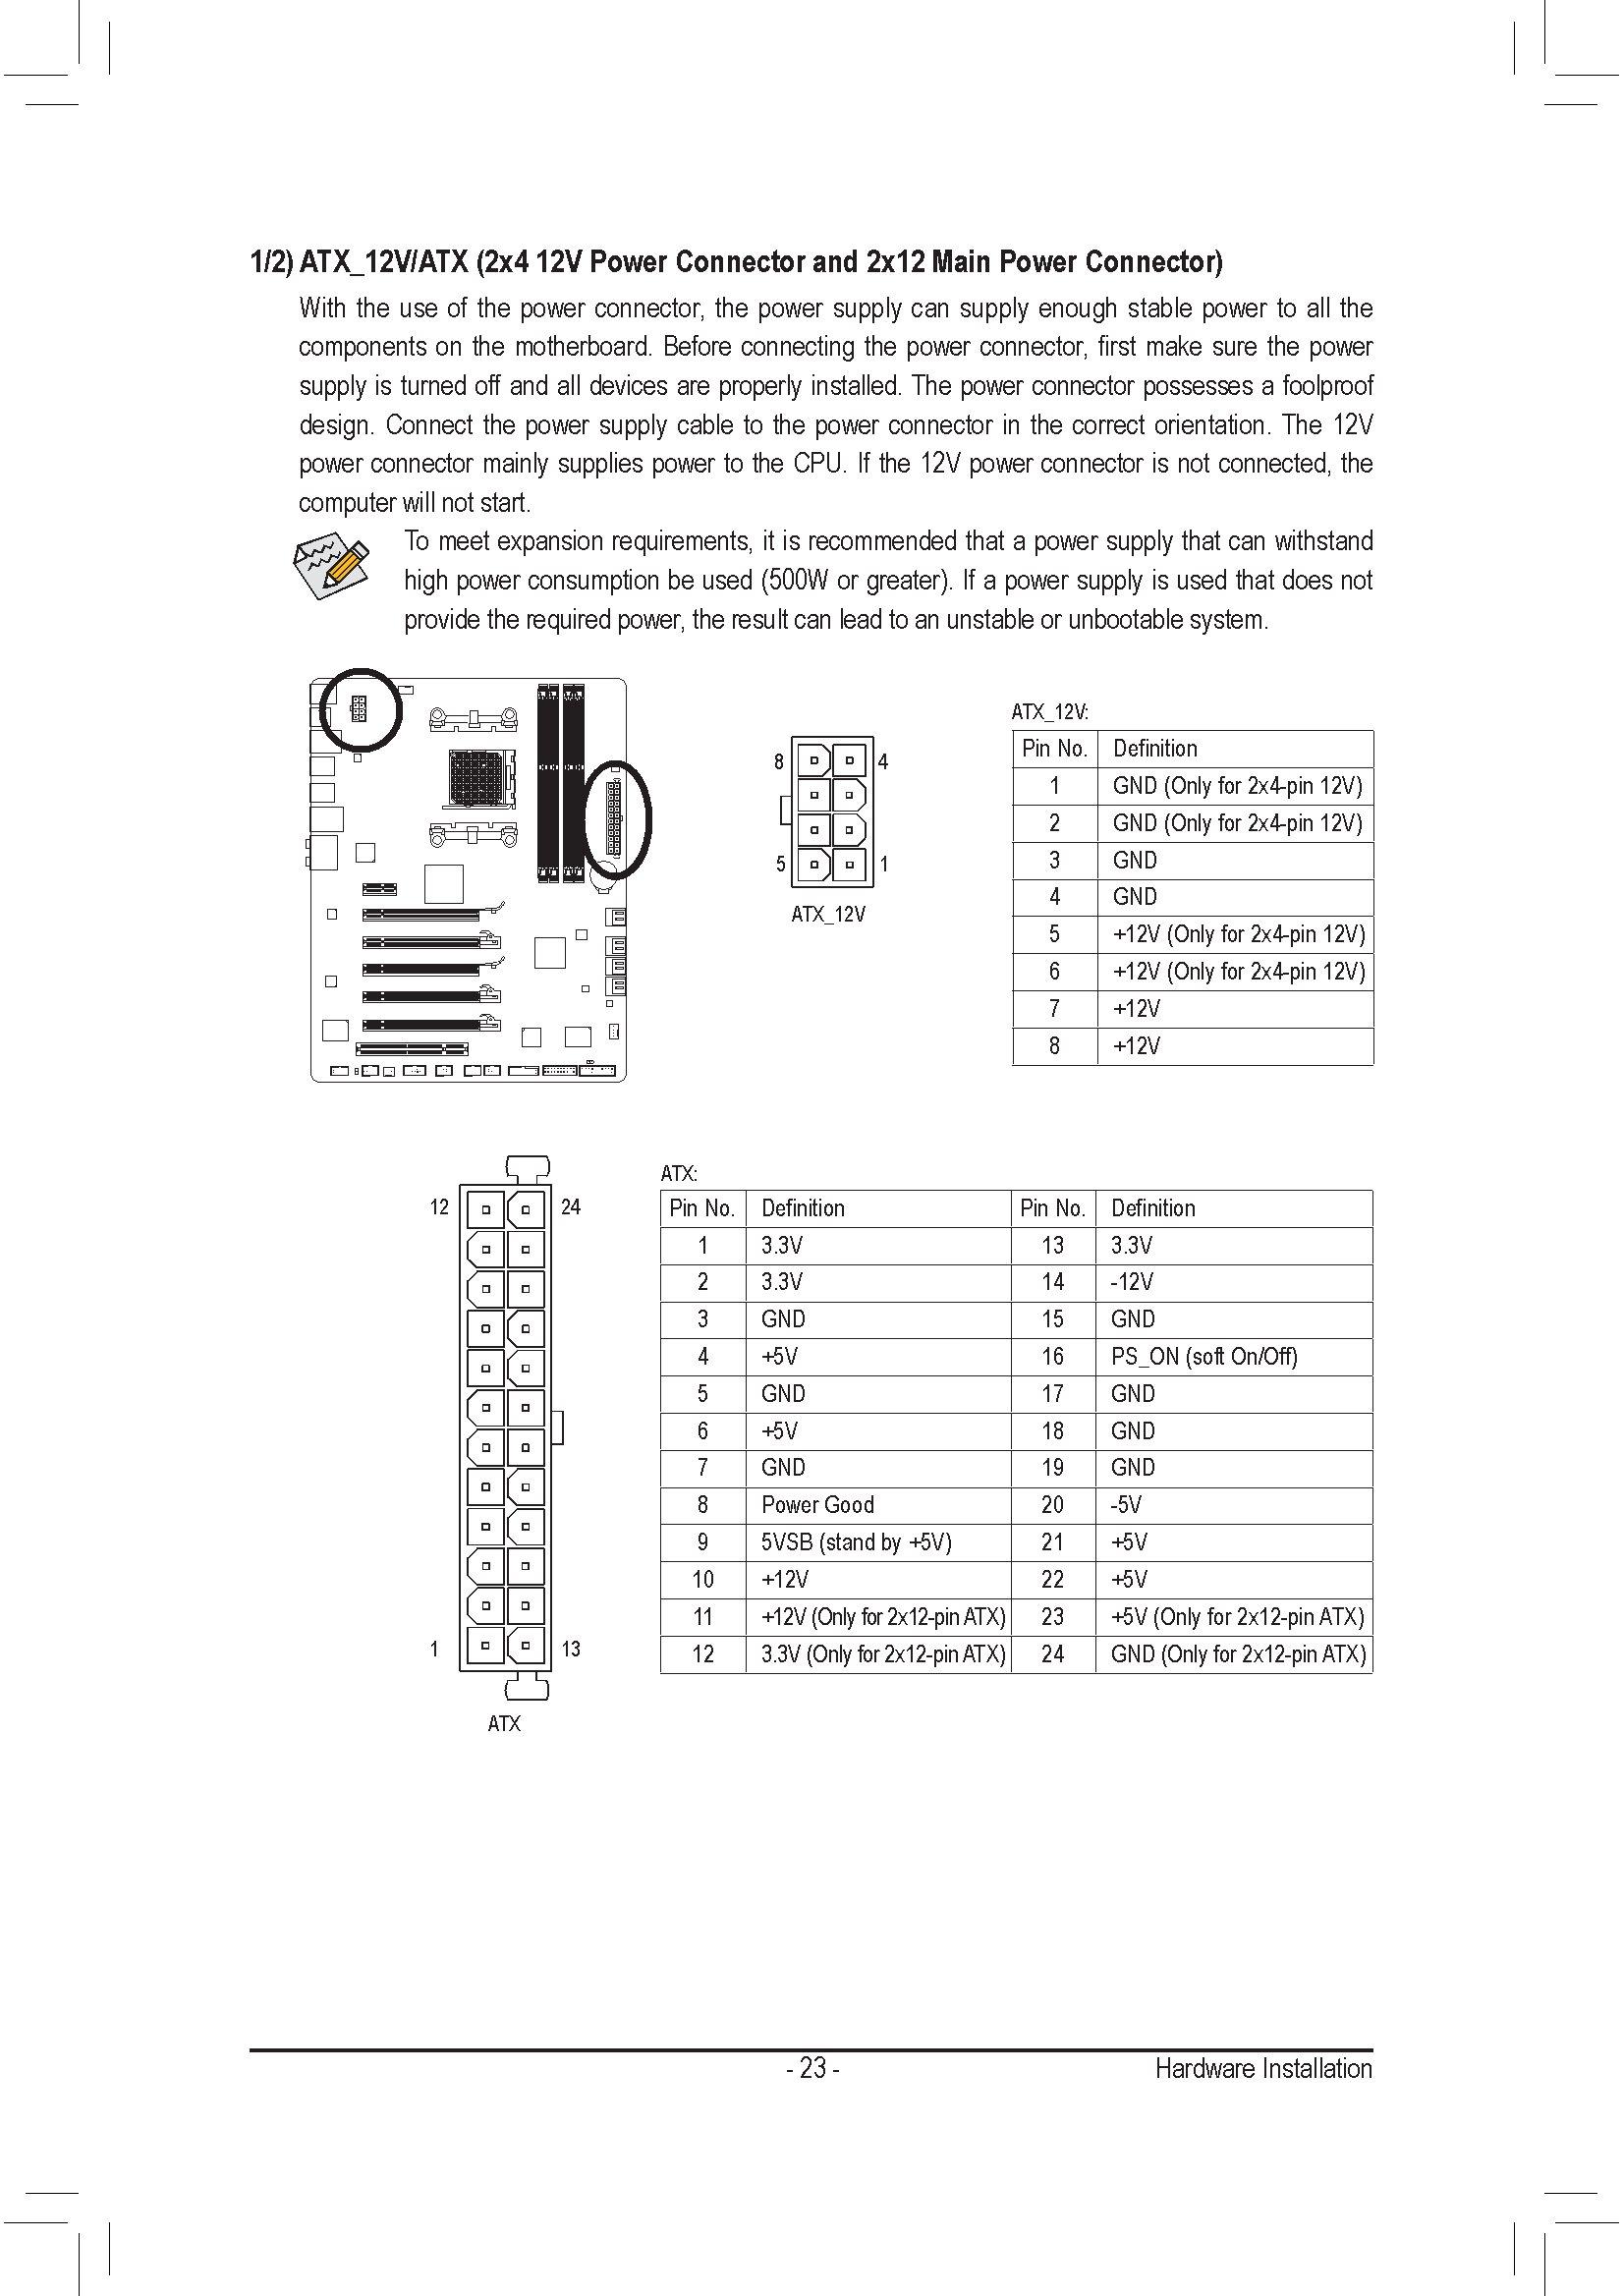 4+4 pol. P8 passt nicht auf ATX12V 8Pin Buchse